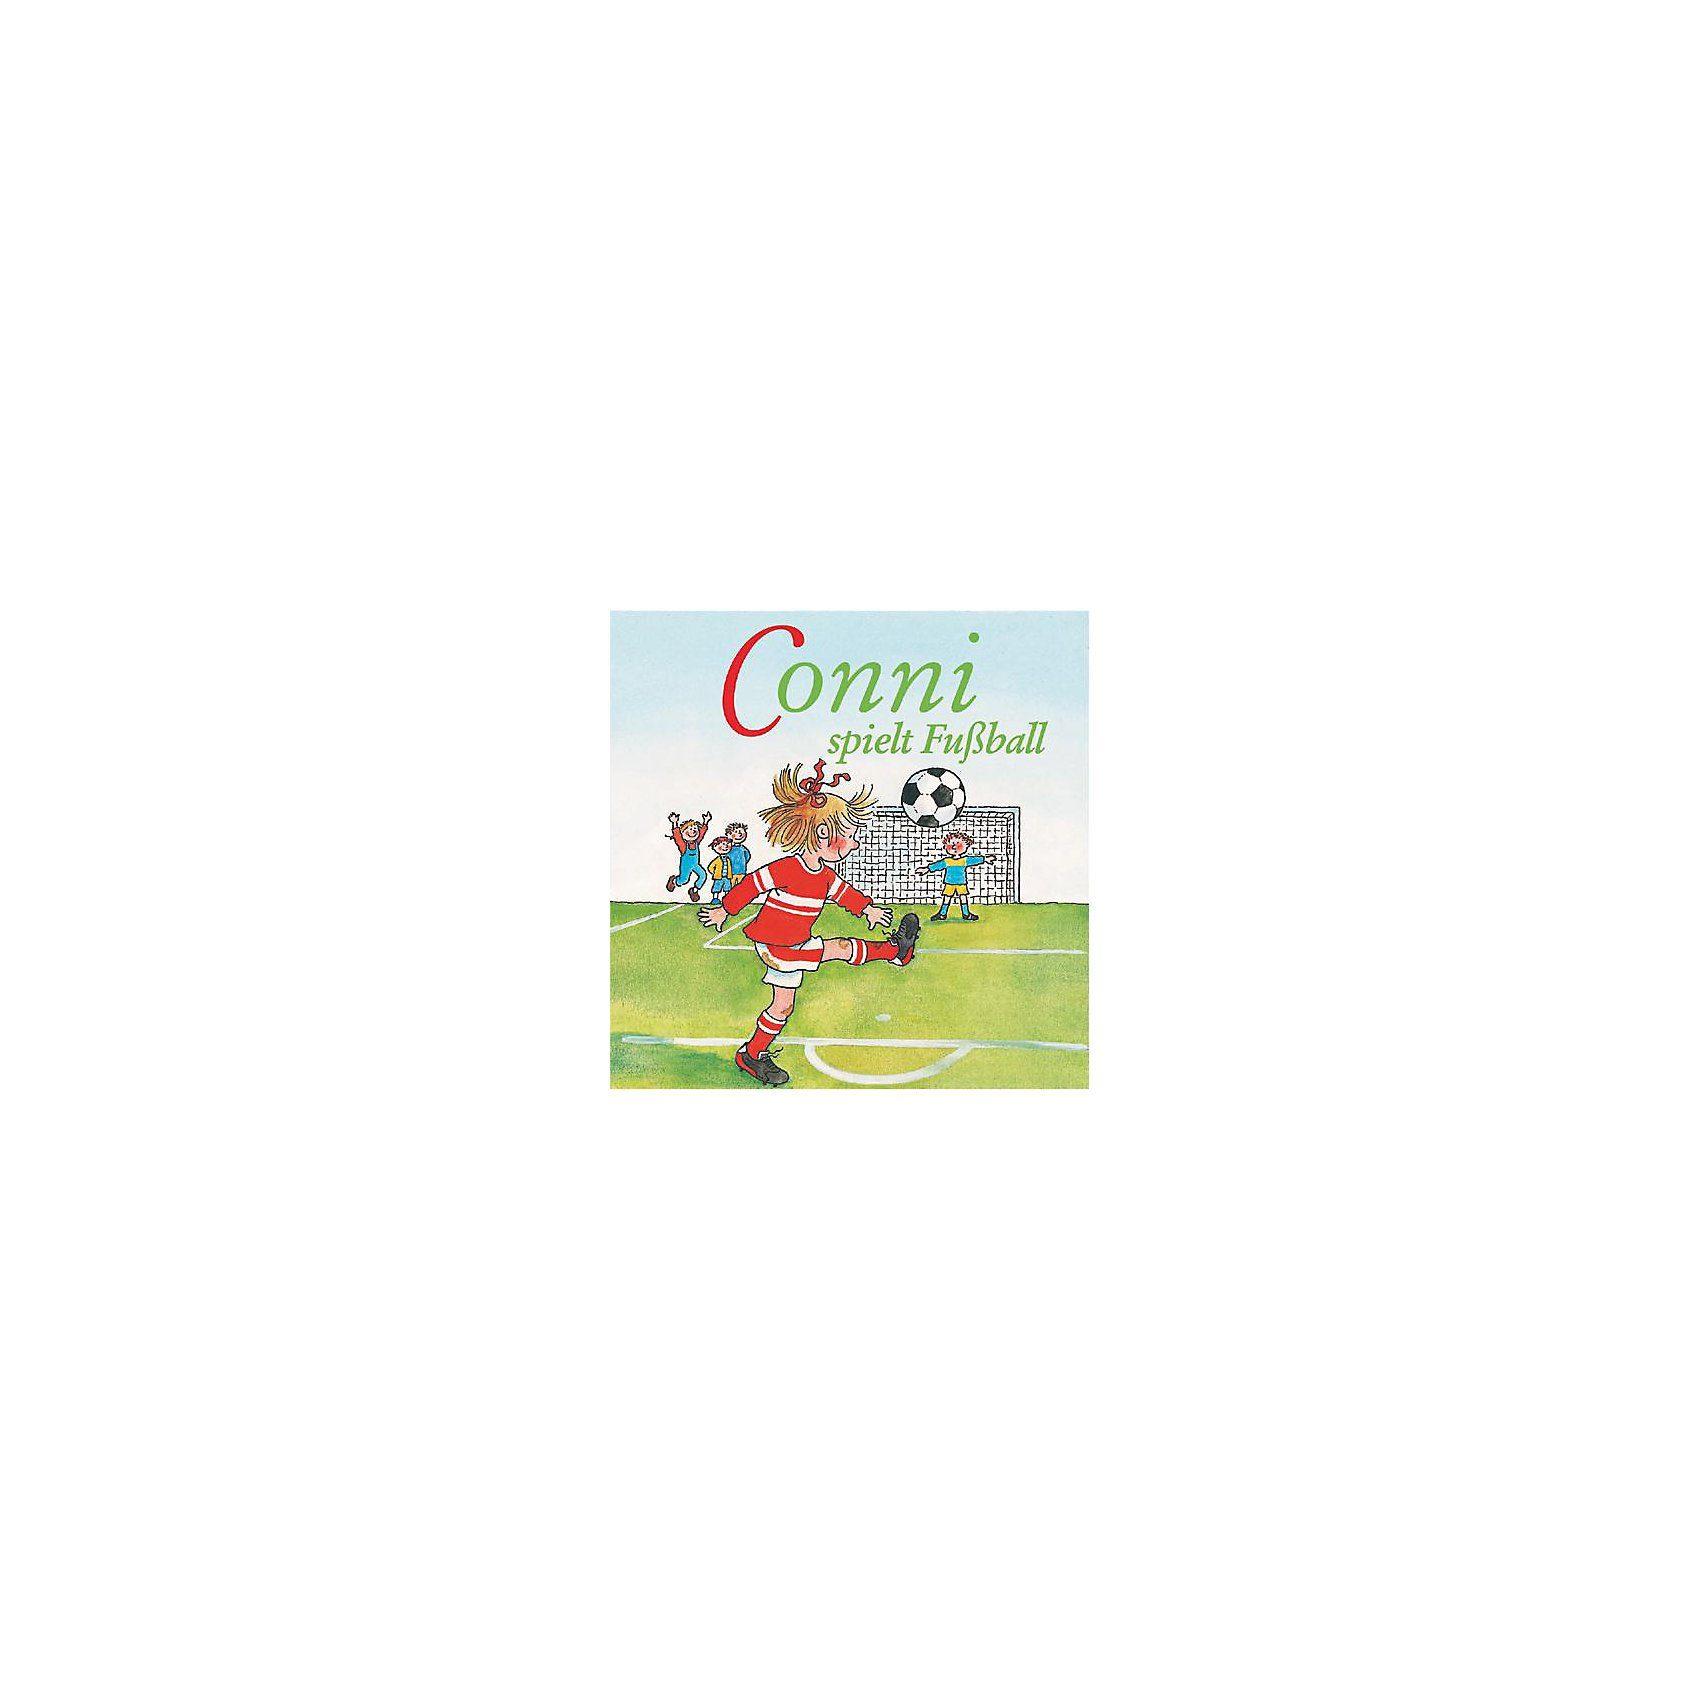 Universal CD Conni: Spielt Fußball (Sonderedition)